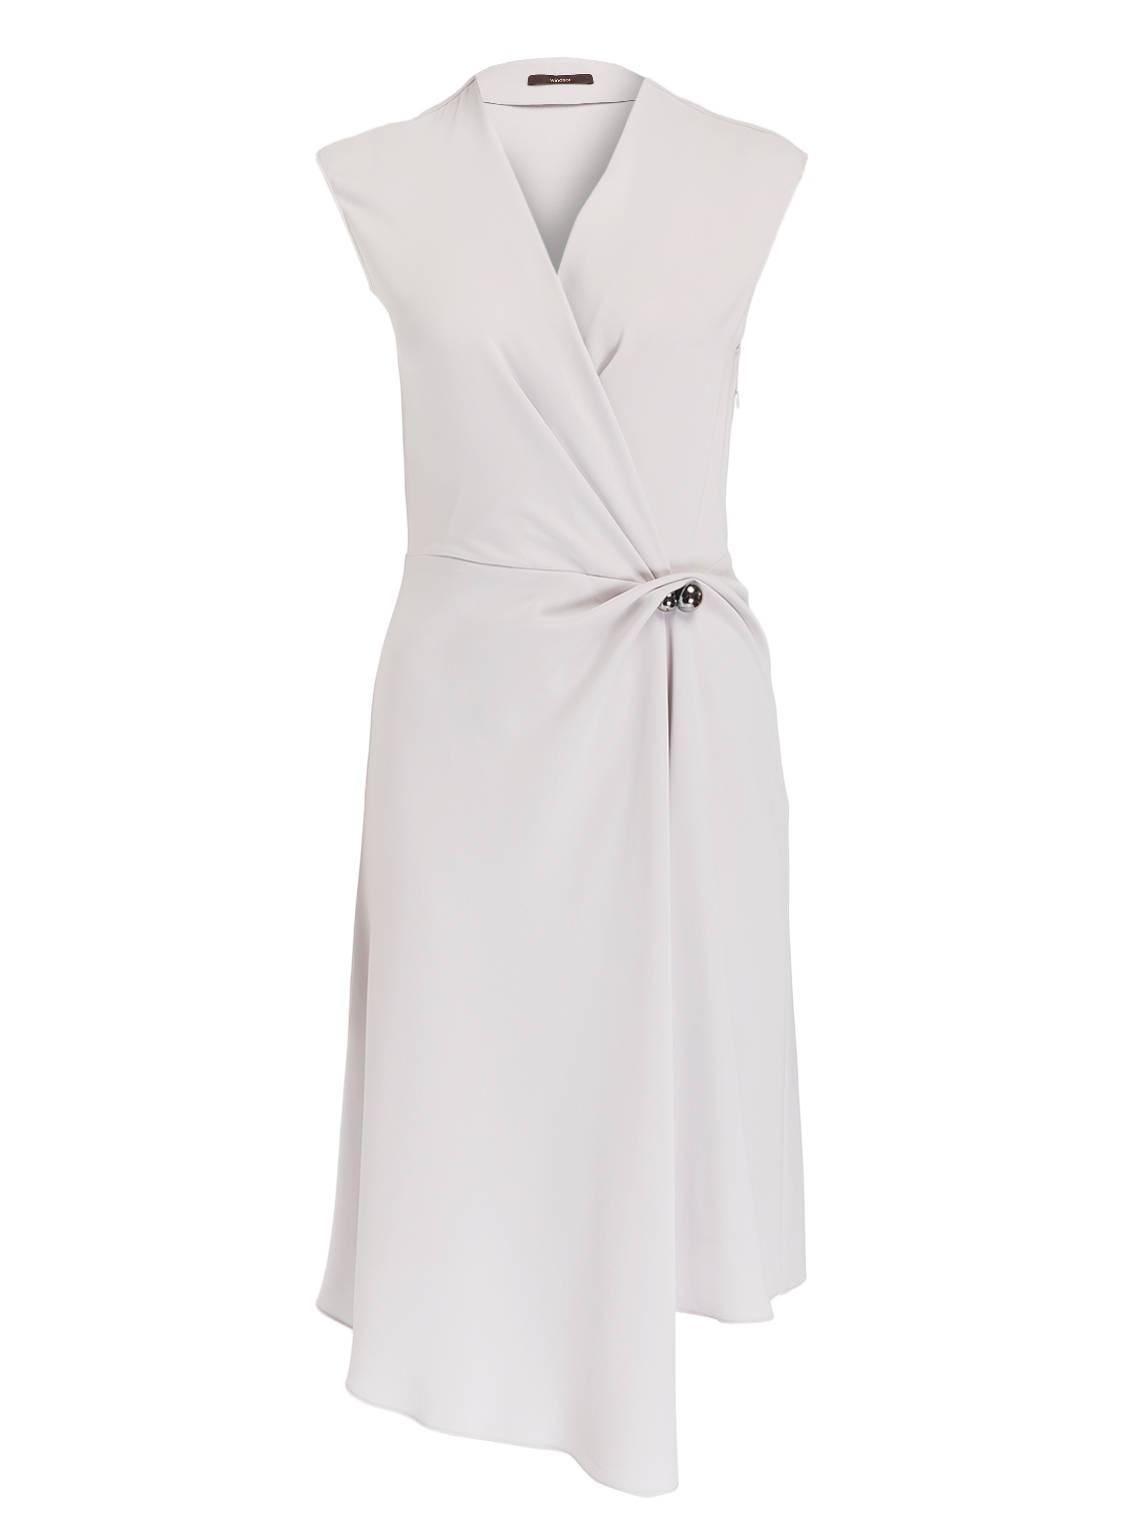 20 Einfach Damen Kleider Knielang BoutiqueFormal Schön Damen Kleider Knielang Spezialgebiet